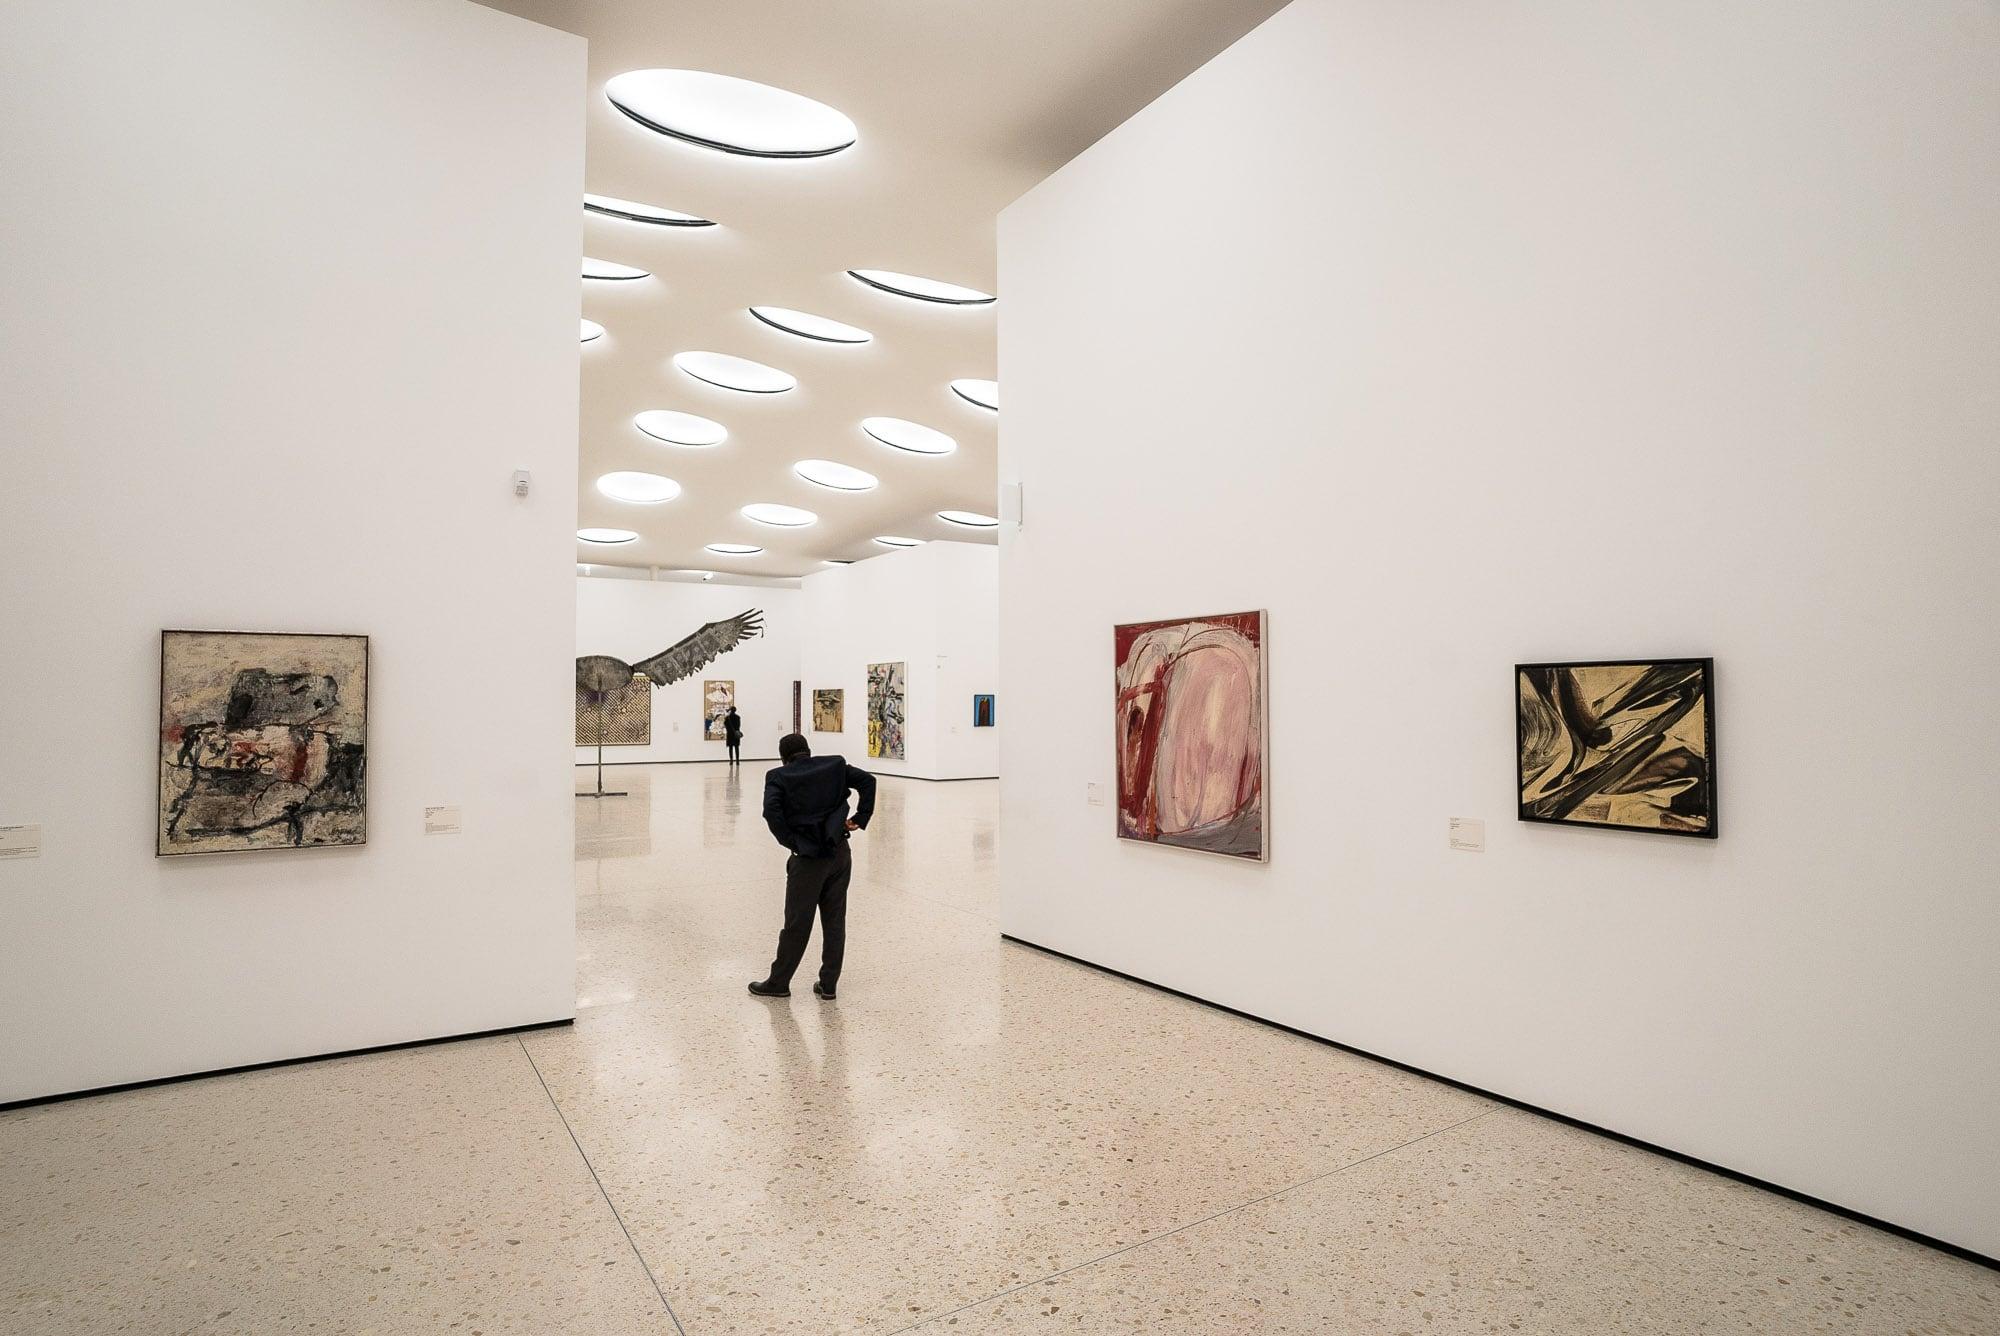 Schirn museum